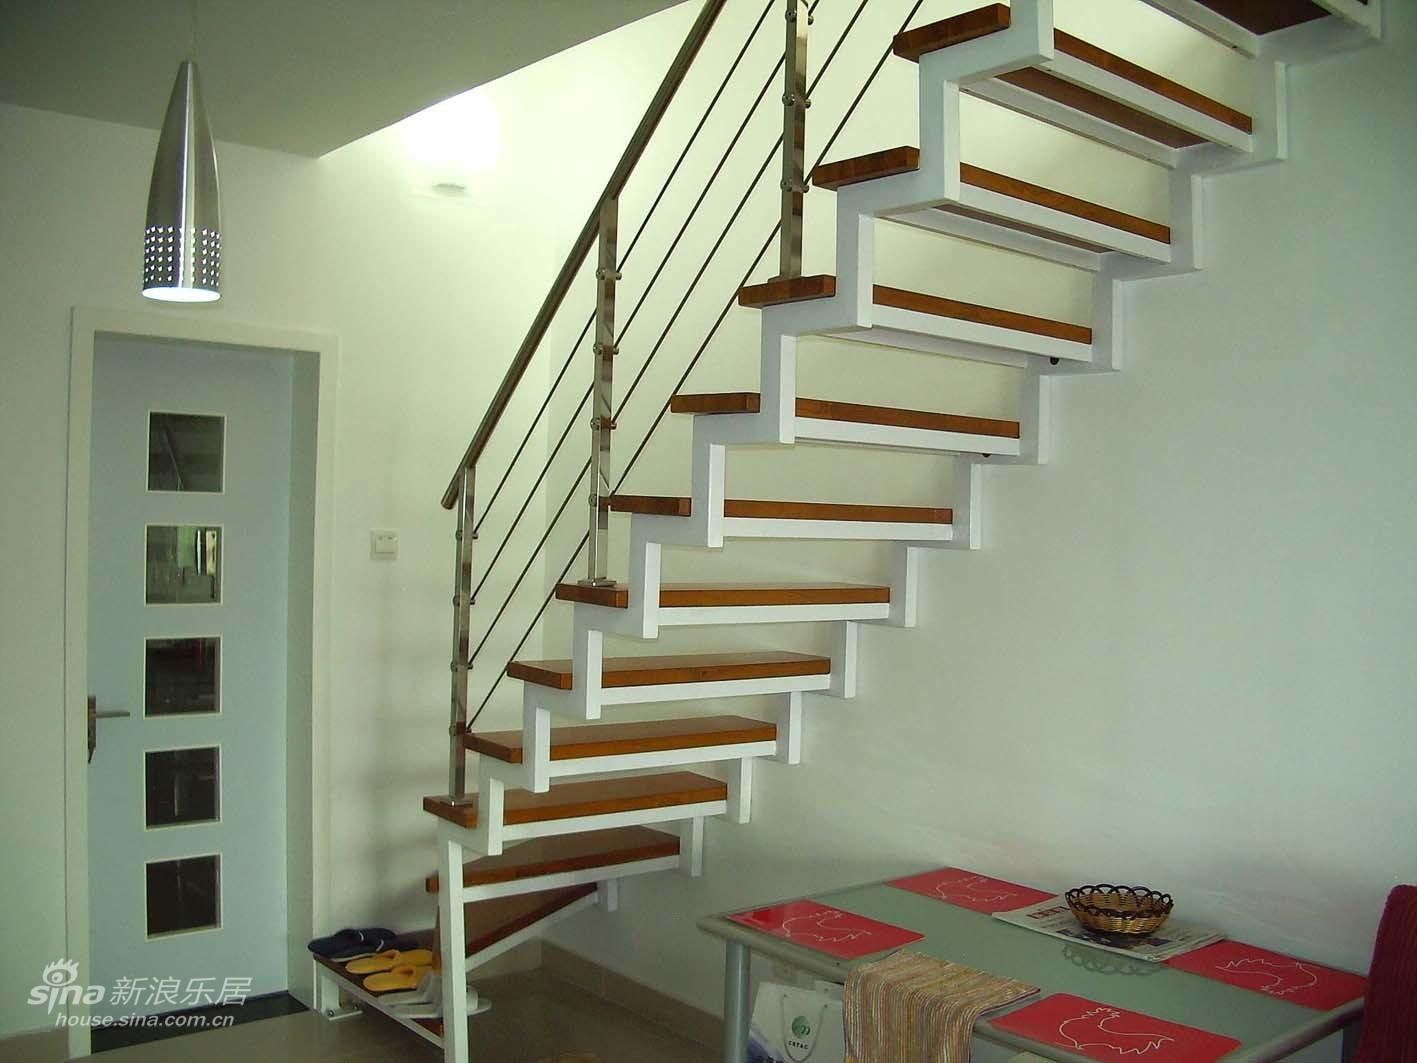 其他 其他 客厅图片来自用户2558746857在东红星设计室49的分享